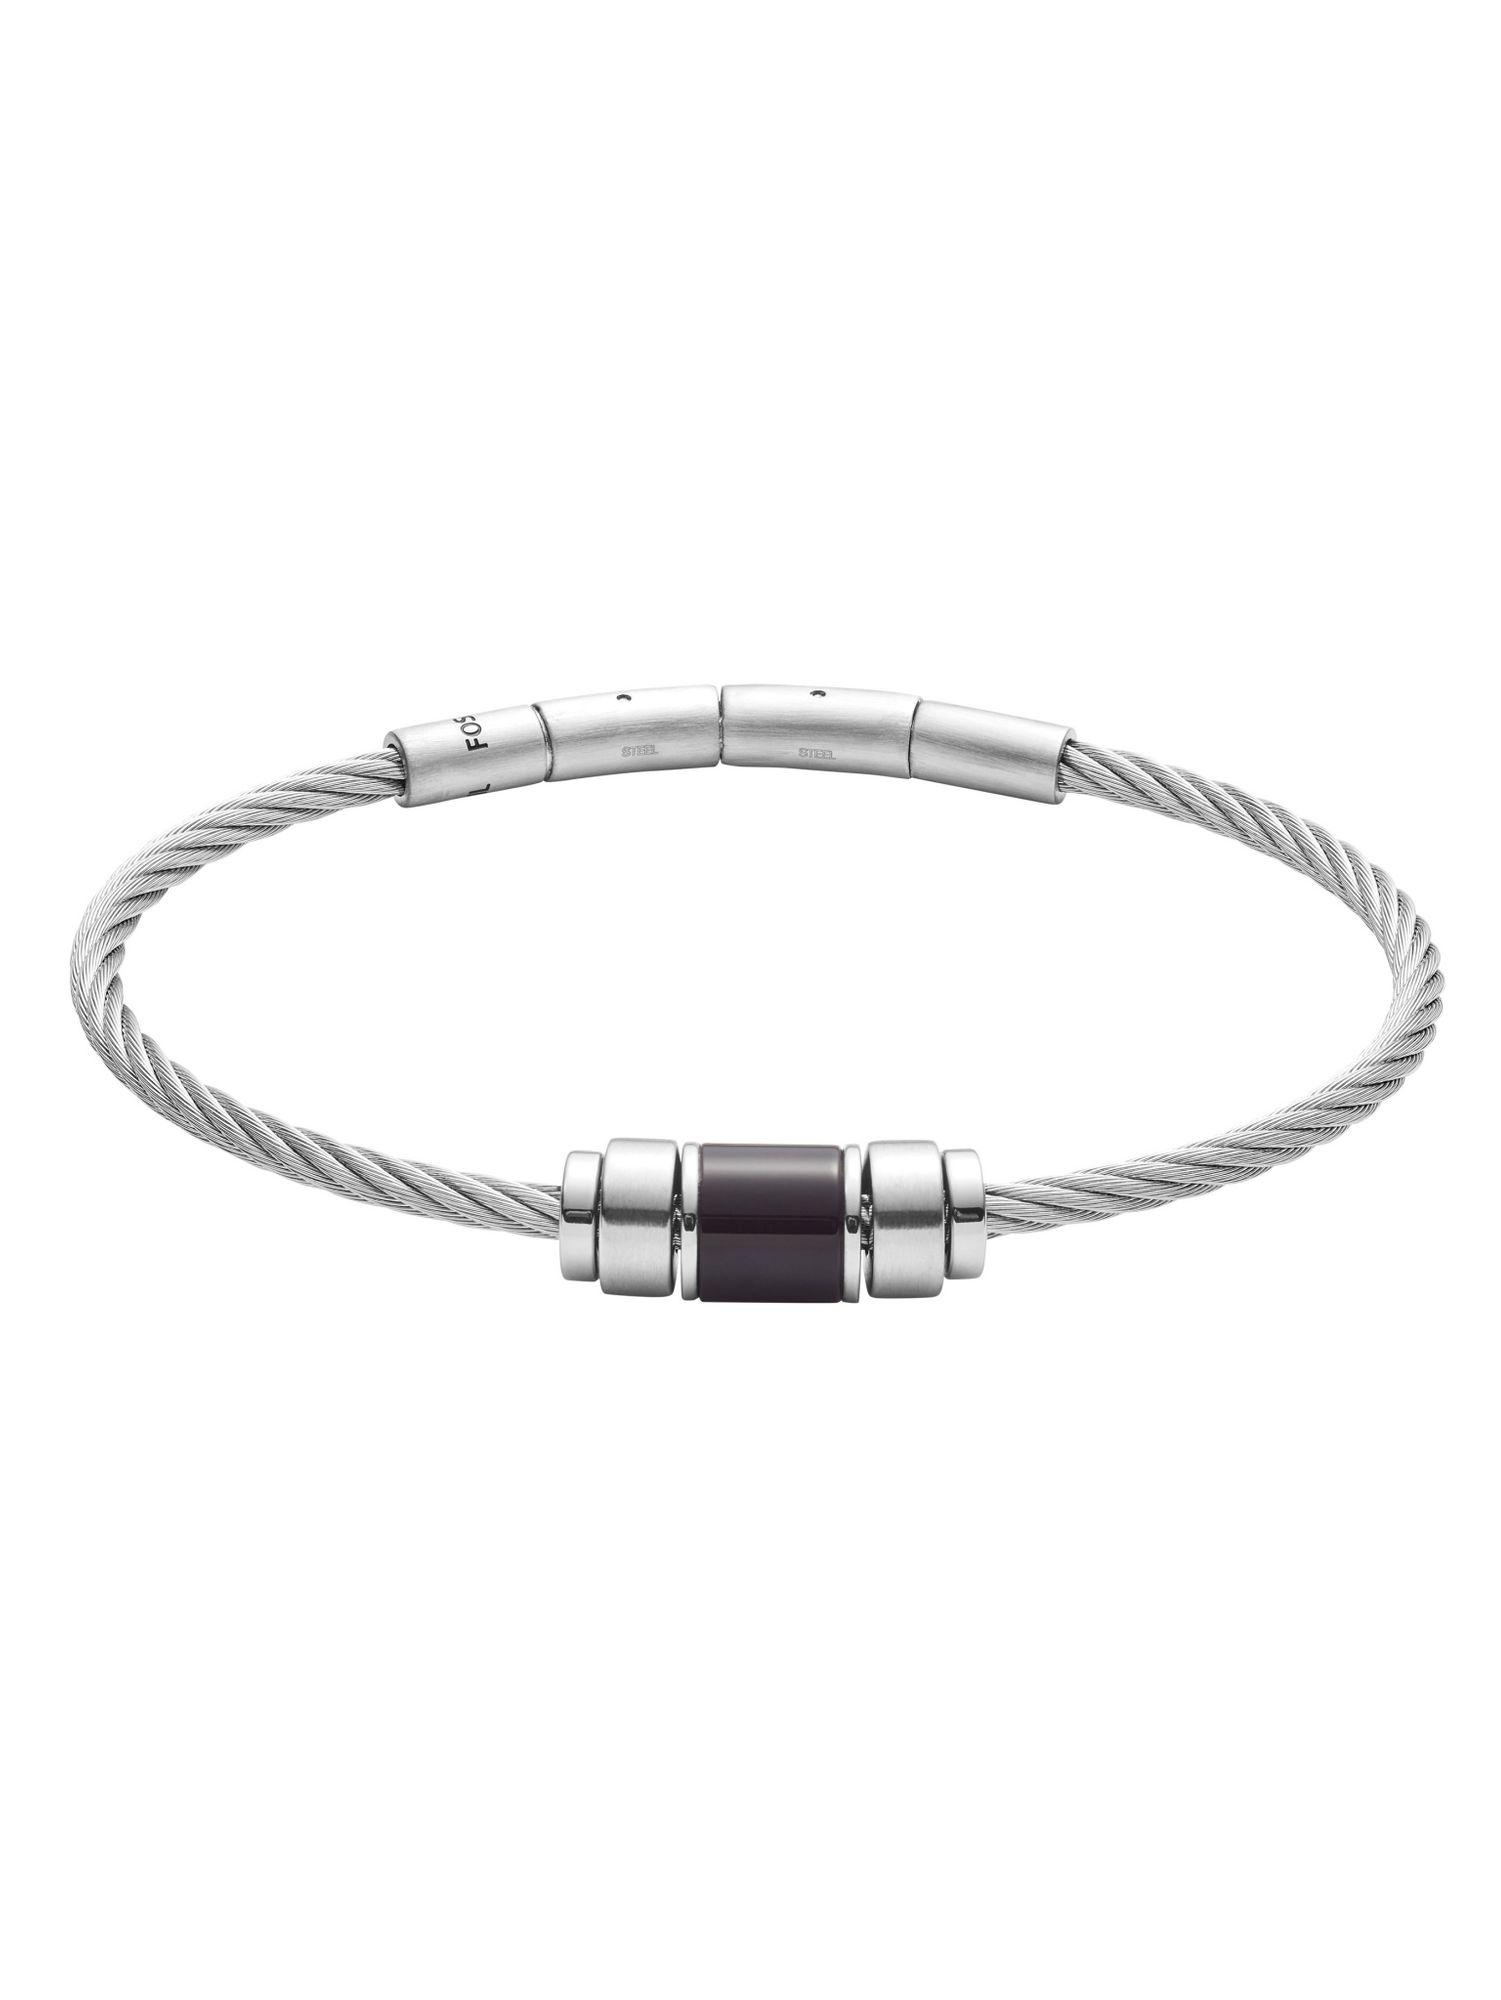 Großhändler Promo-Codes suche nach neuestem Fossil JF02925040 Herren Armband Edelstahl Silber Schwarz 19 cm | City  Juwelier Markenuhren und Markenschmuck